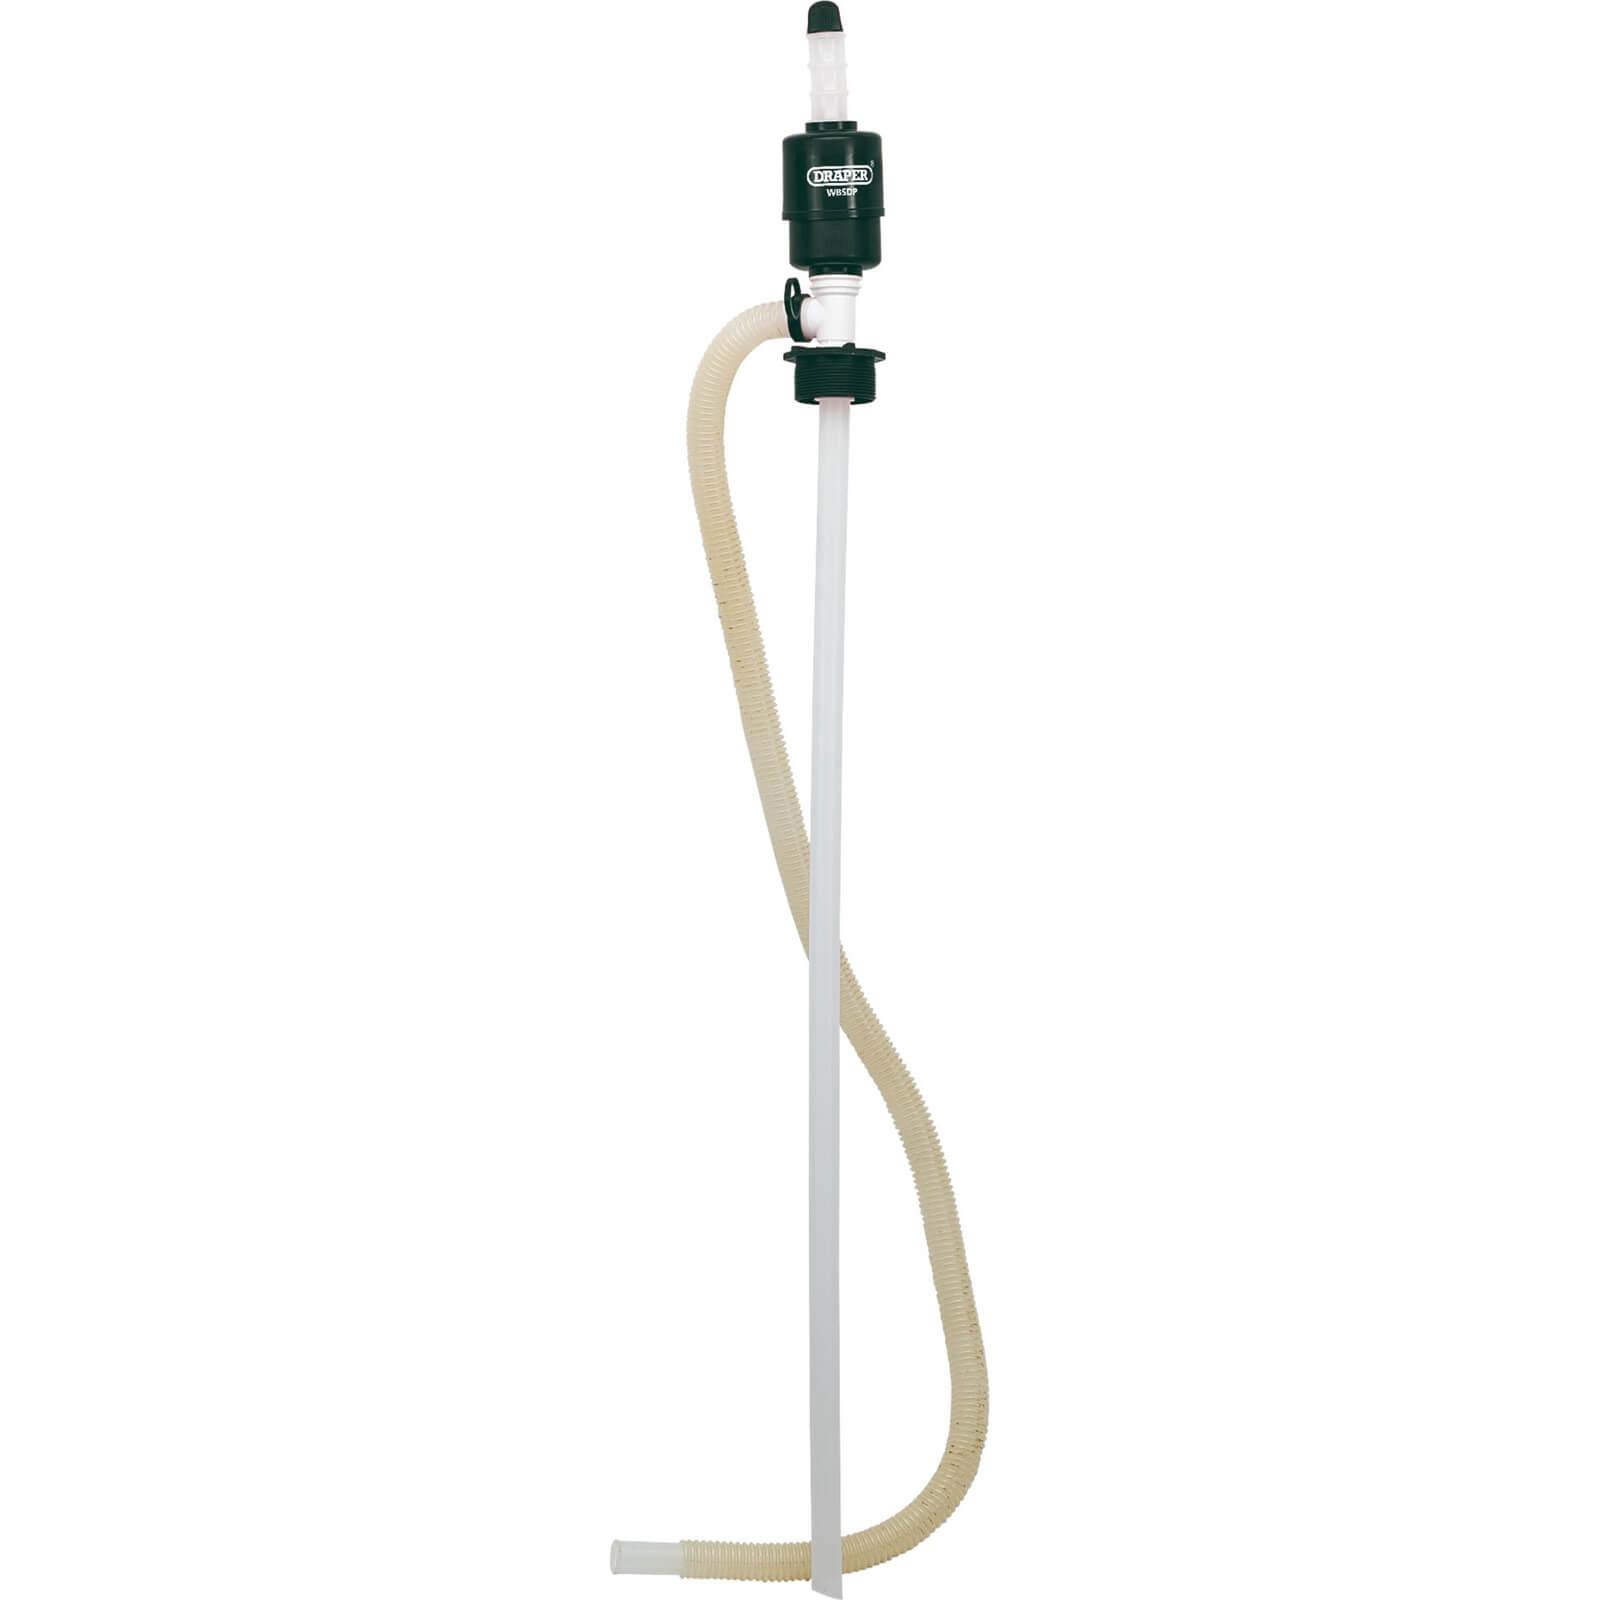 Image of Draper Siphon Drum Pump